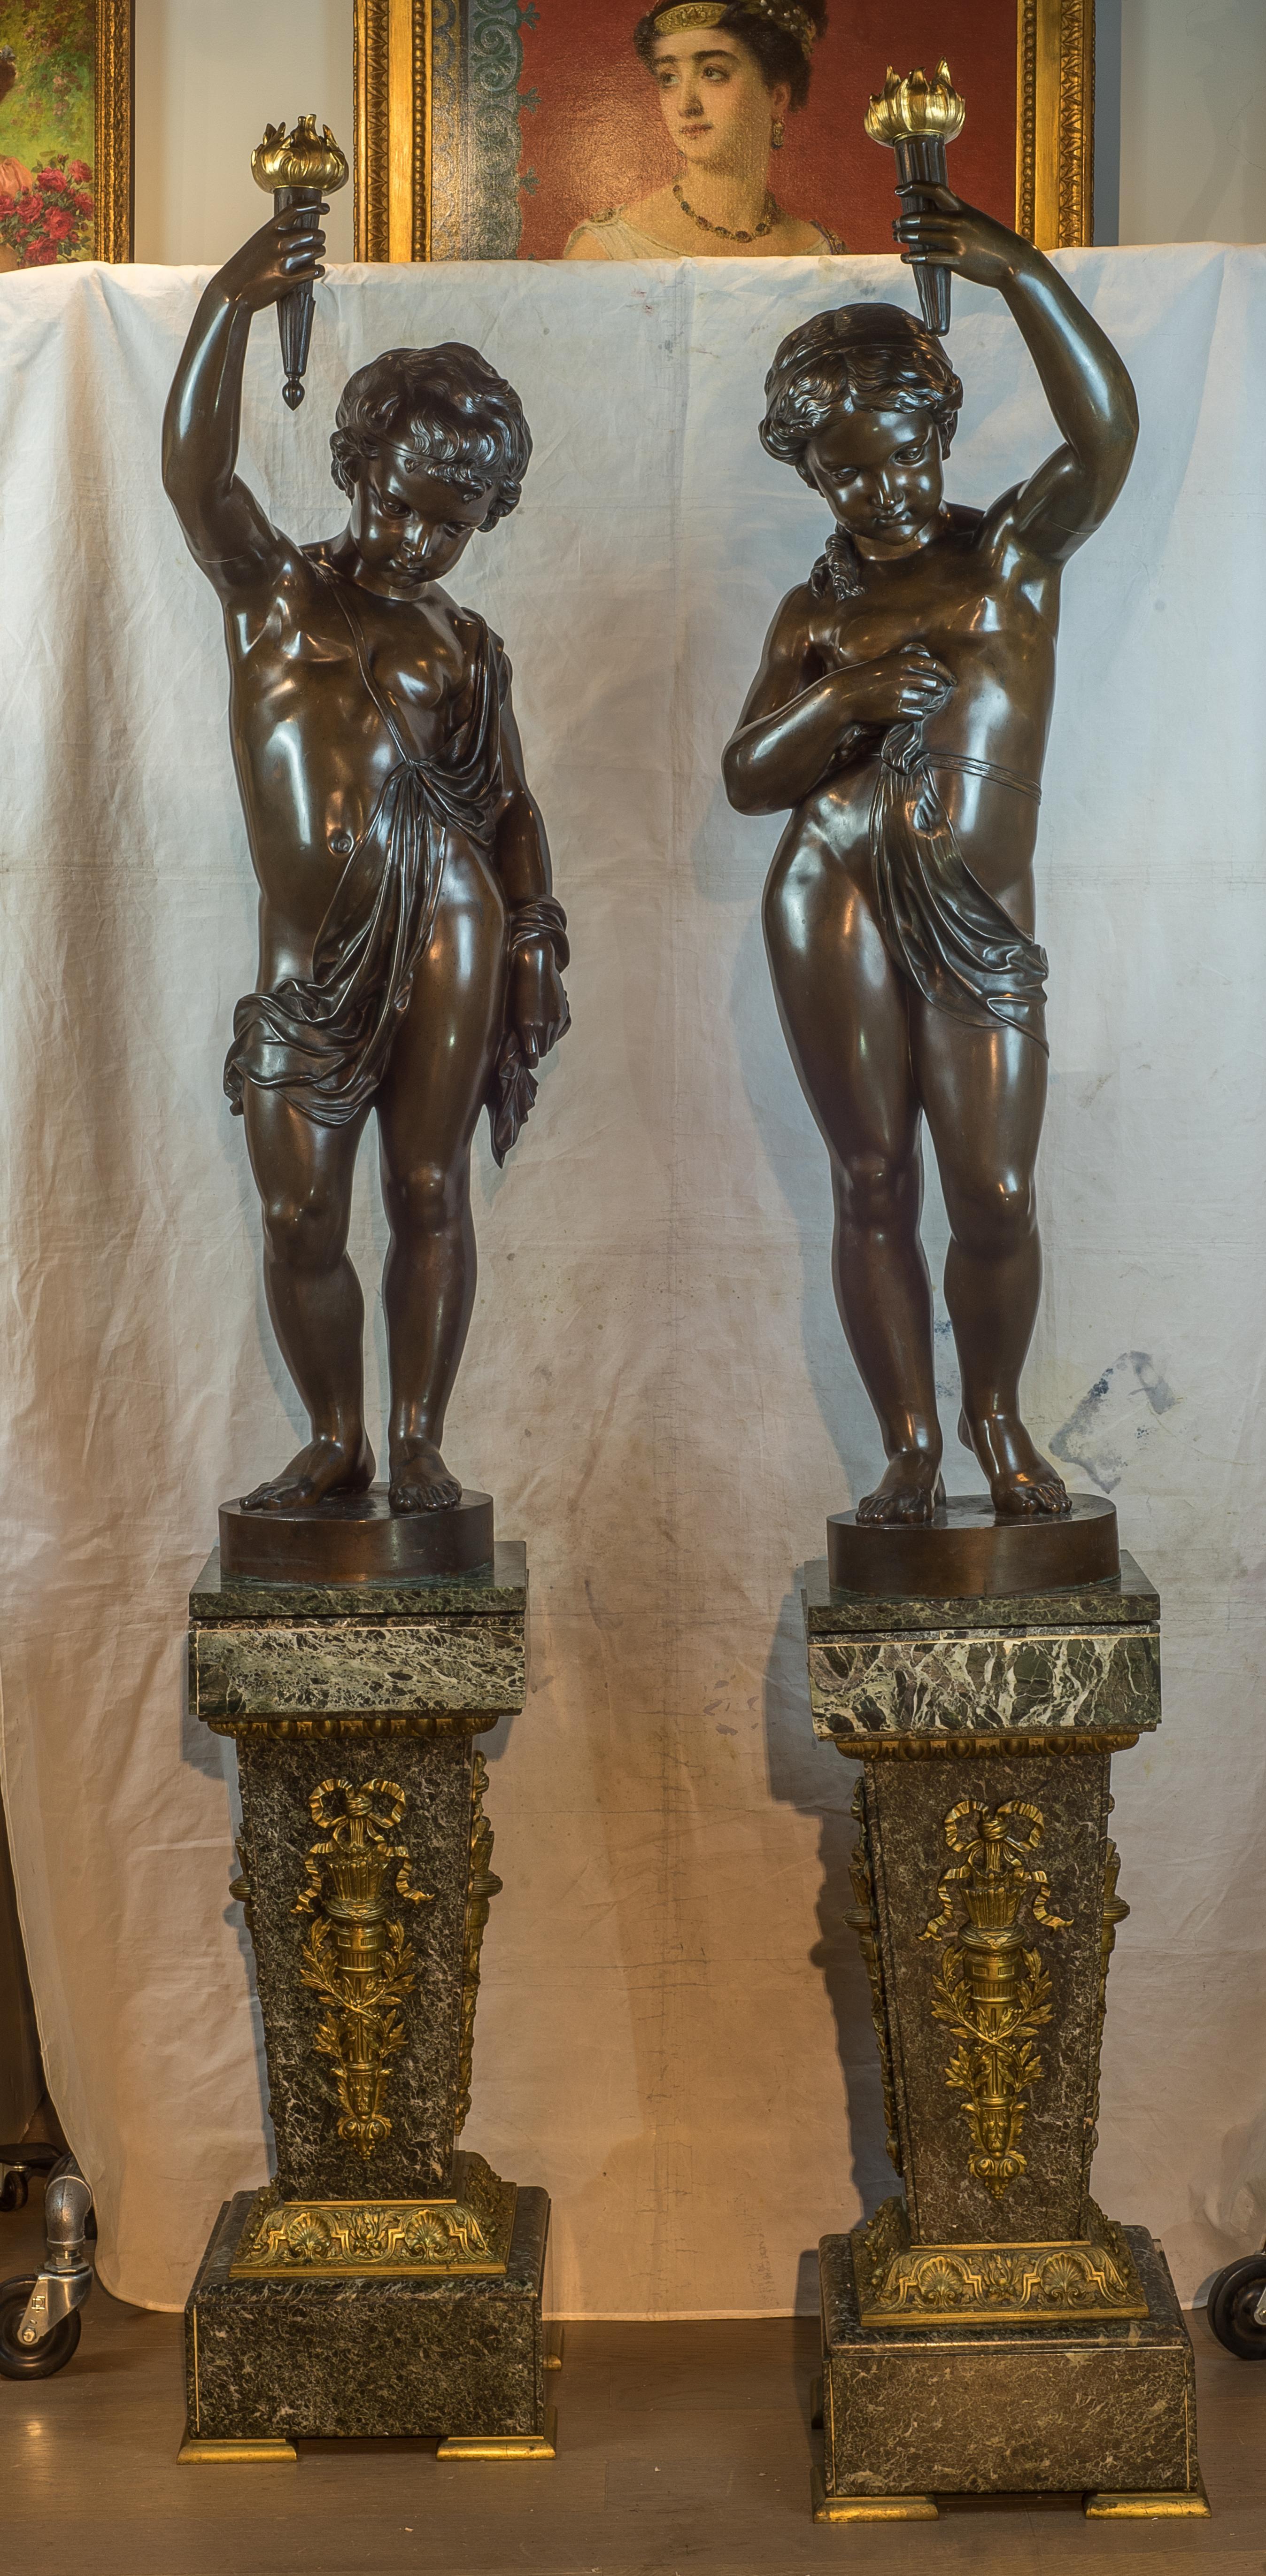 Bronze Figural Torchères and Pedestal - Médaille d'or - Exposition de 1867